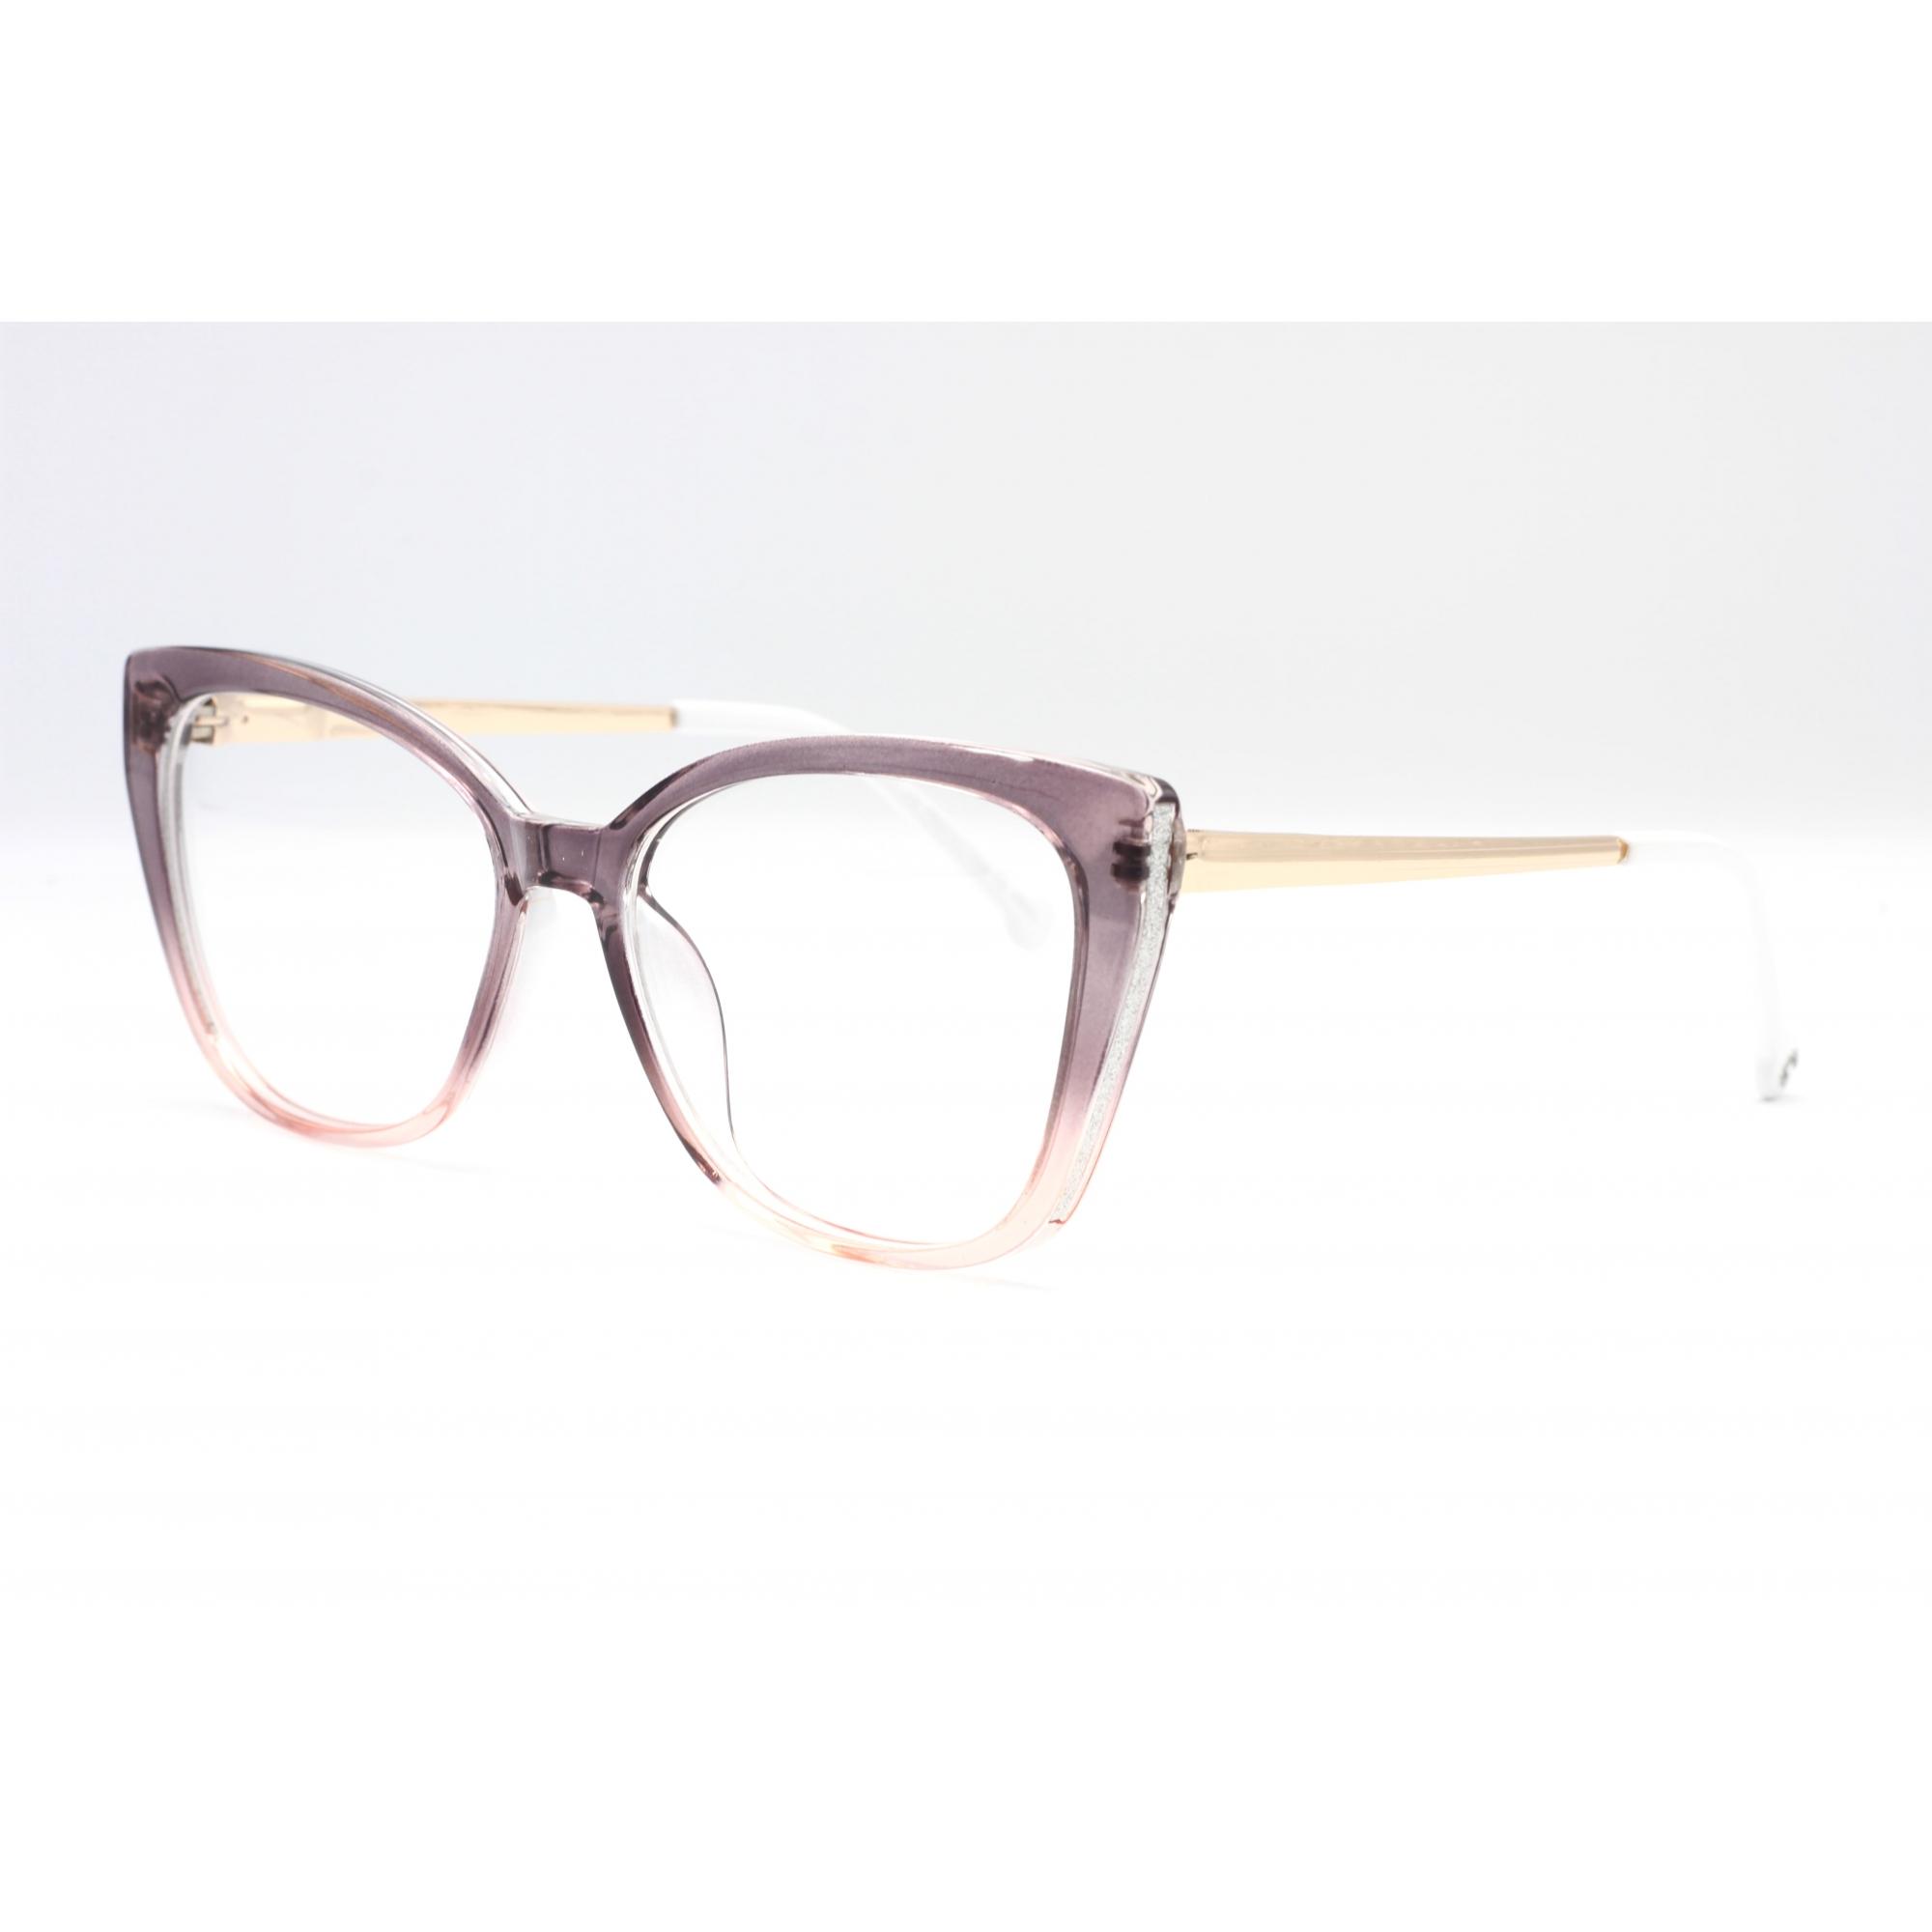 Armação com óculos sem grau, CAZÉ Feminina  em cor dourado e suave violeta    Ref BR5634 C6 55